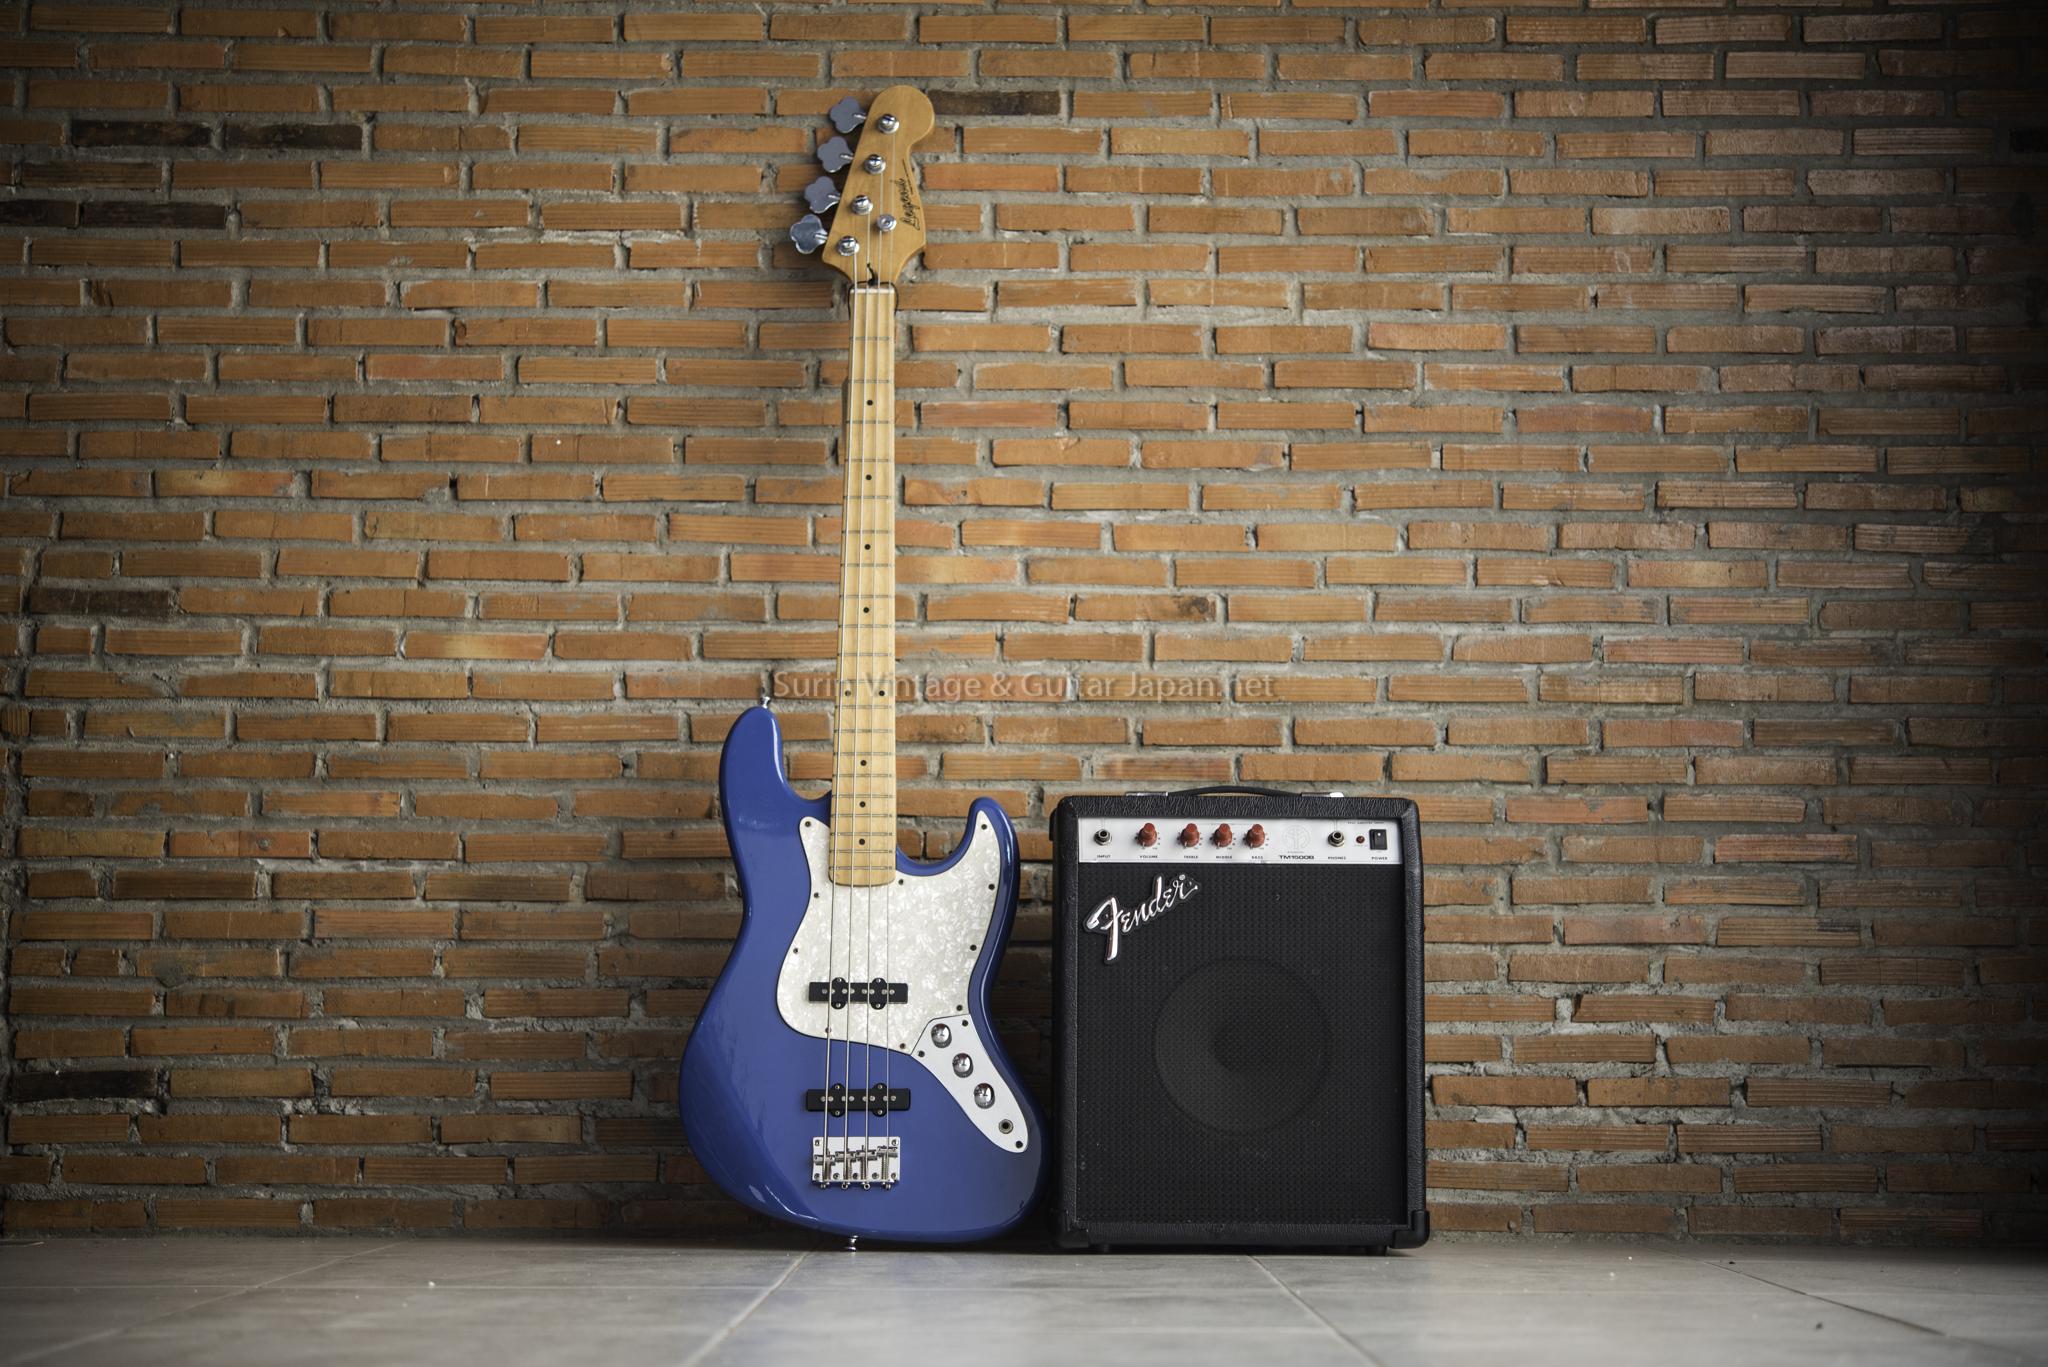 แอมป์เบสไฟฟ้ามือสอง Fender TM1500B Bass Amp